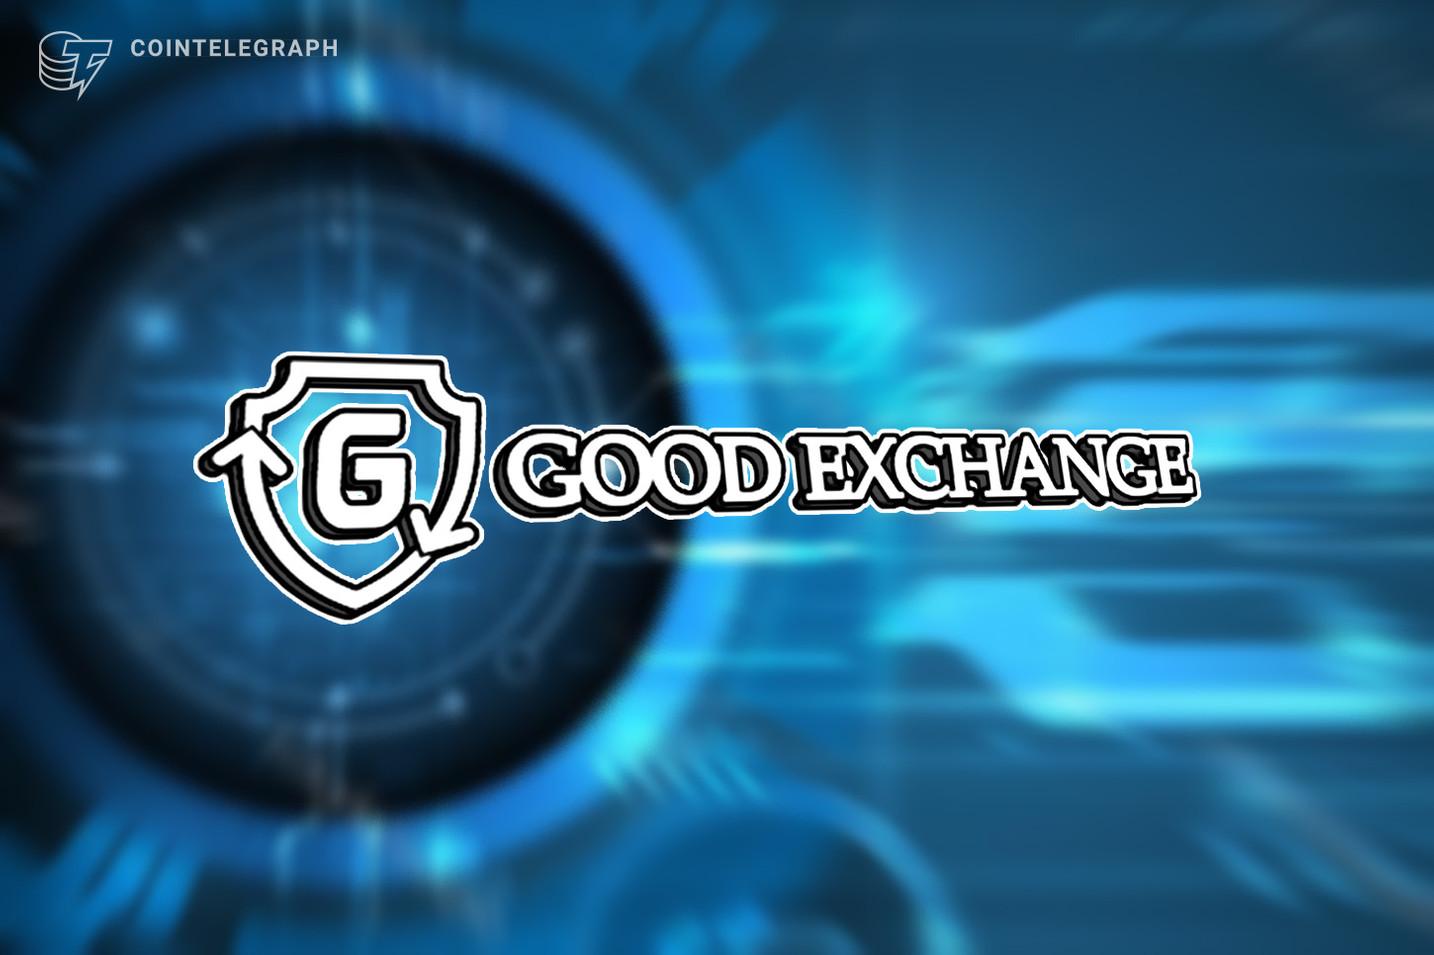 最高のペイバック率を誇る取引所「Good Exchange」